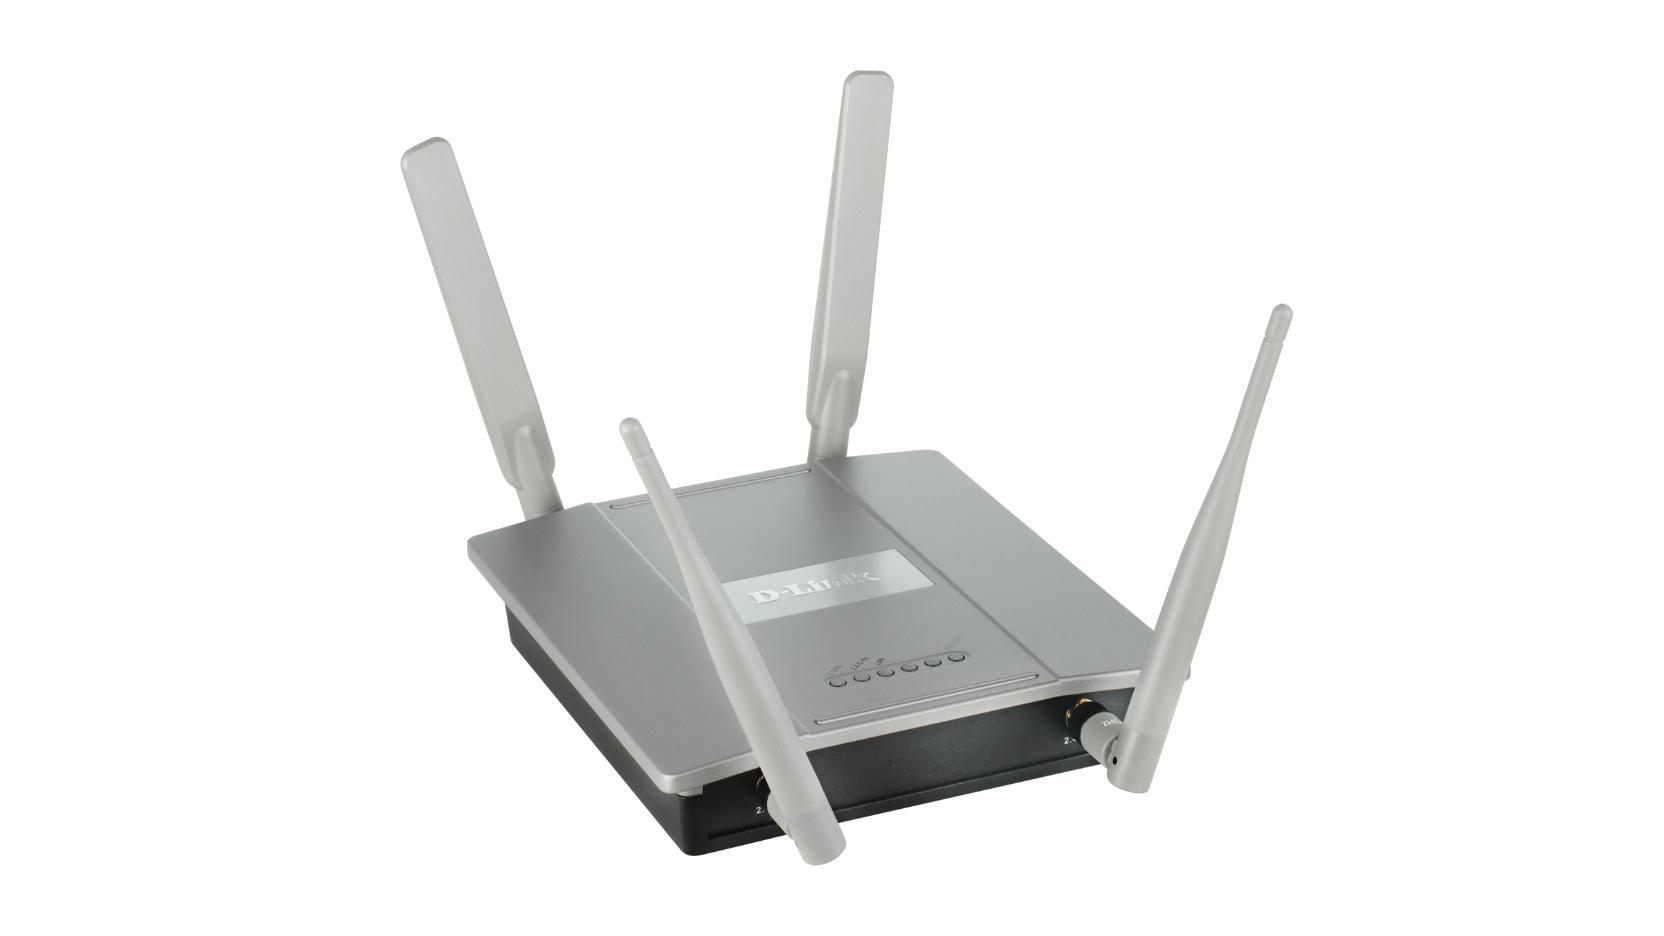 D-Link DAP-1520 access point